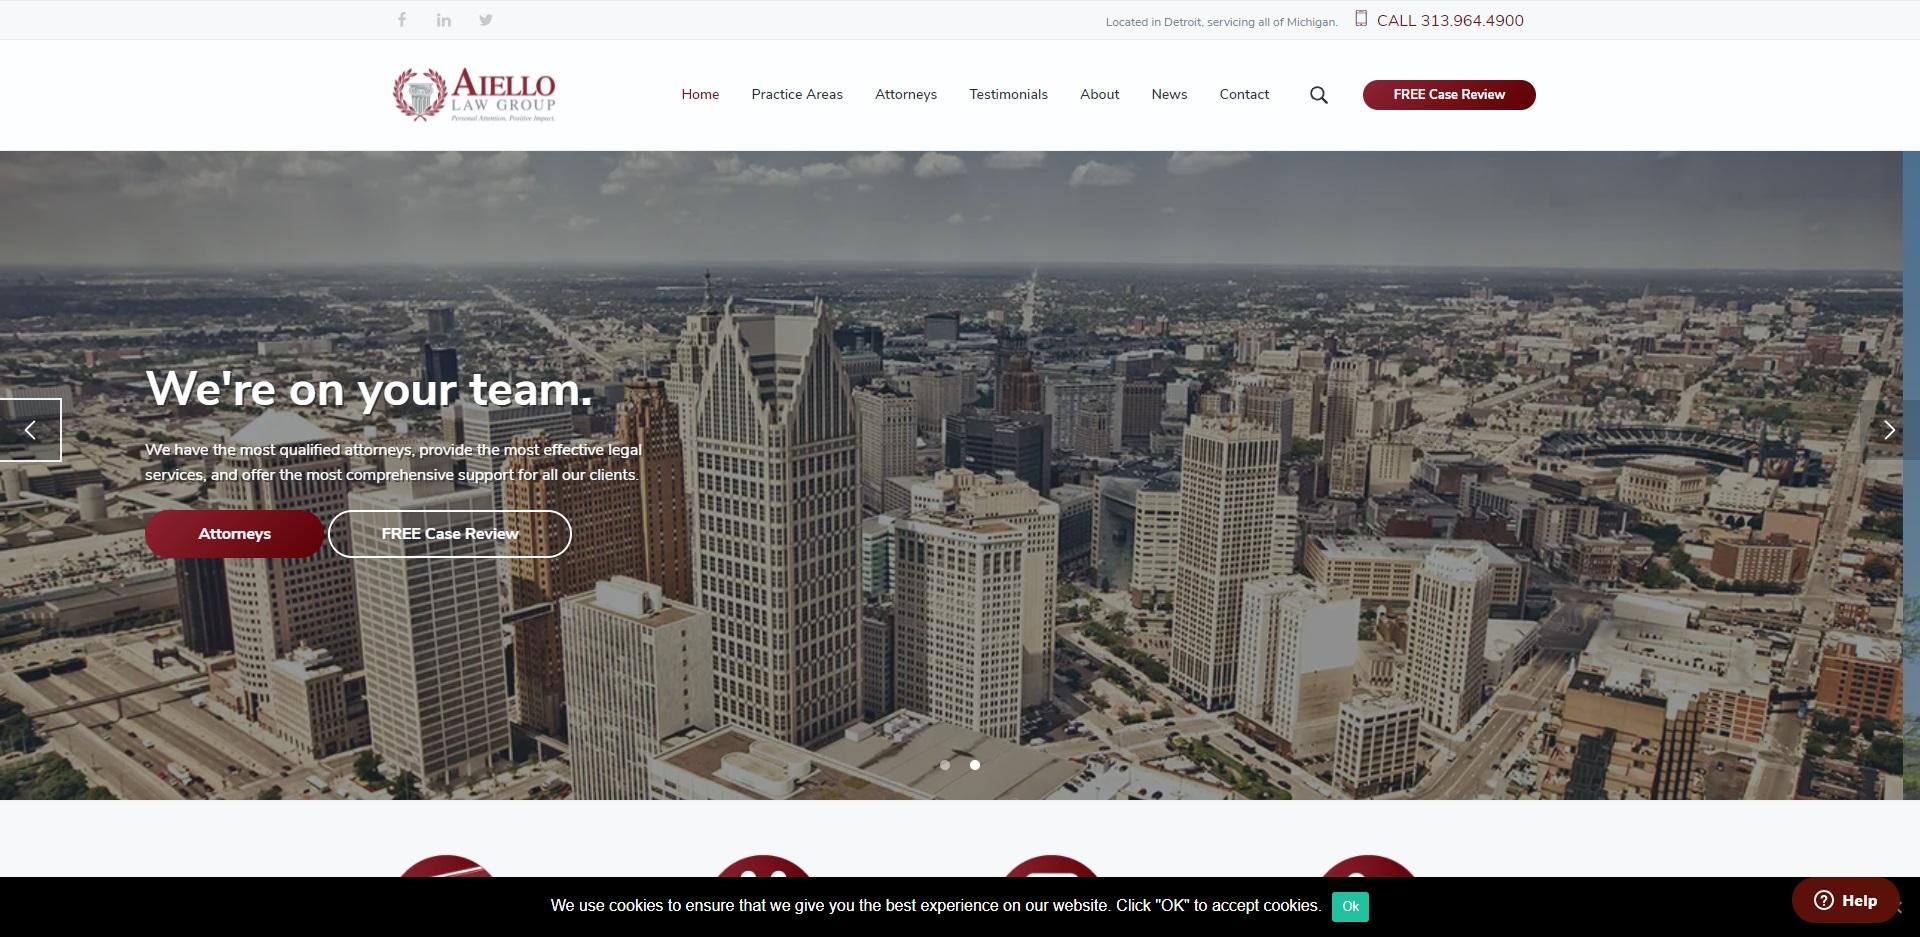 The Best Compensation Attorneys in Detroit, MI